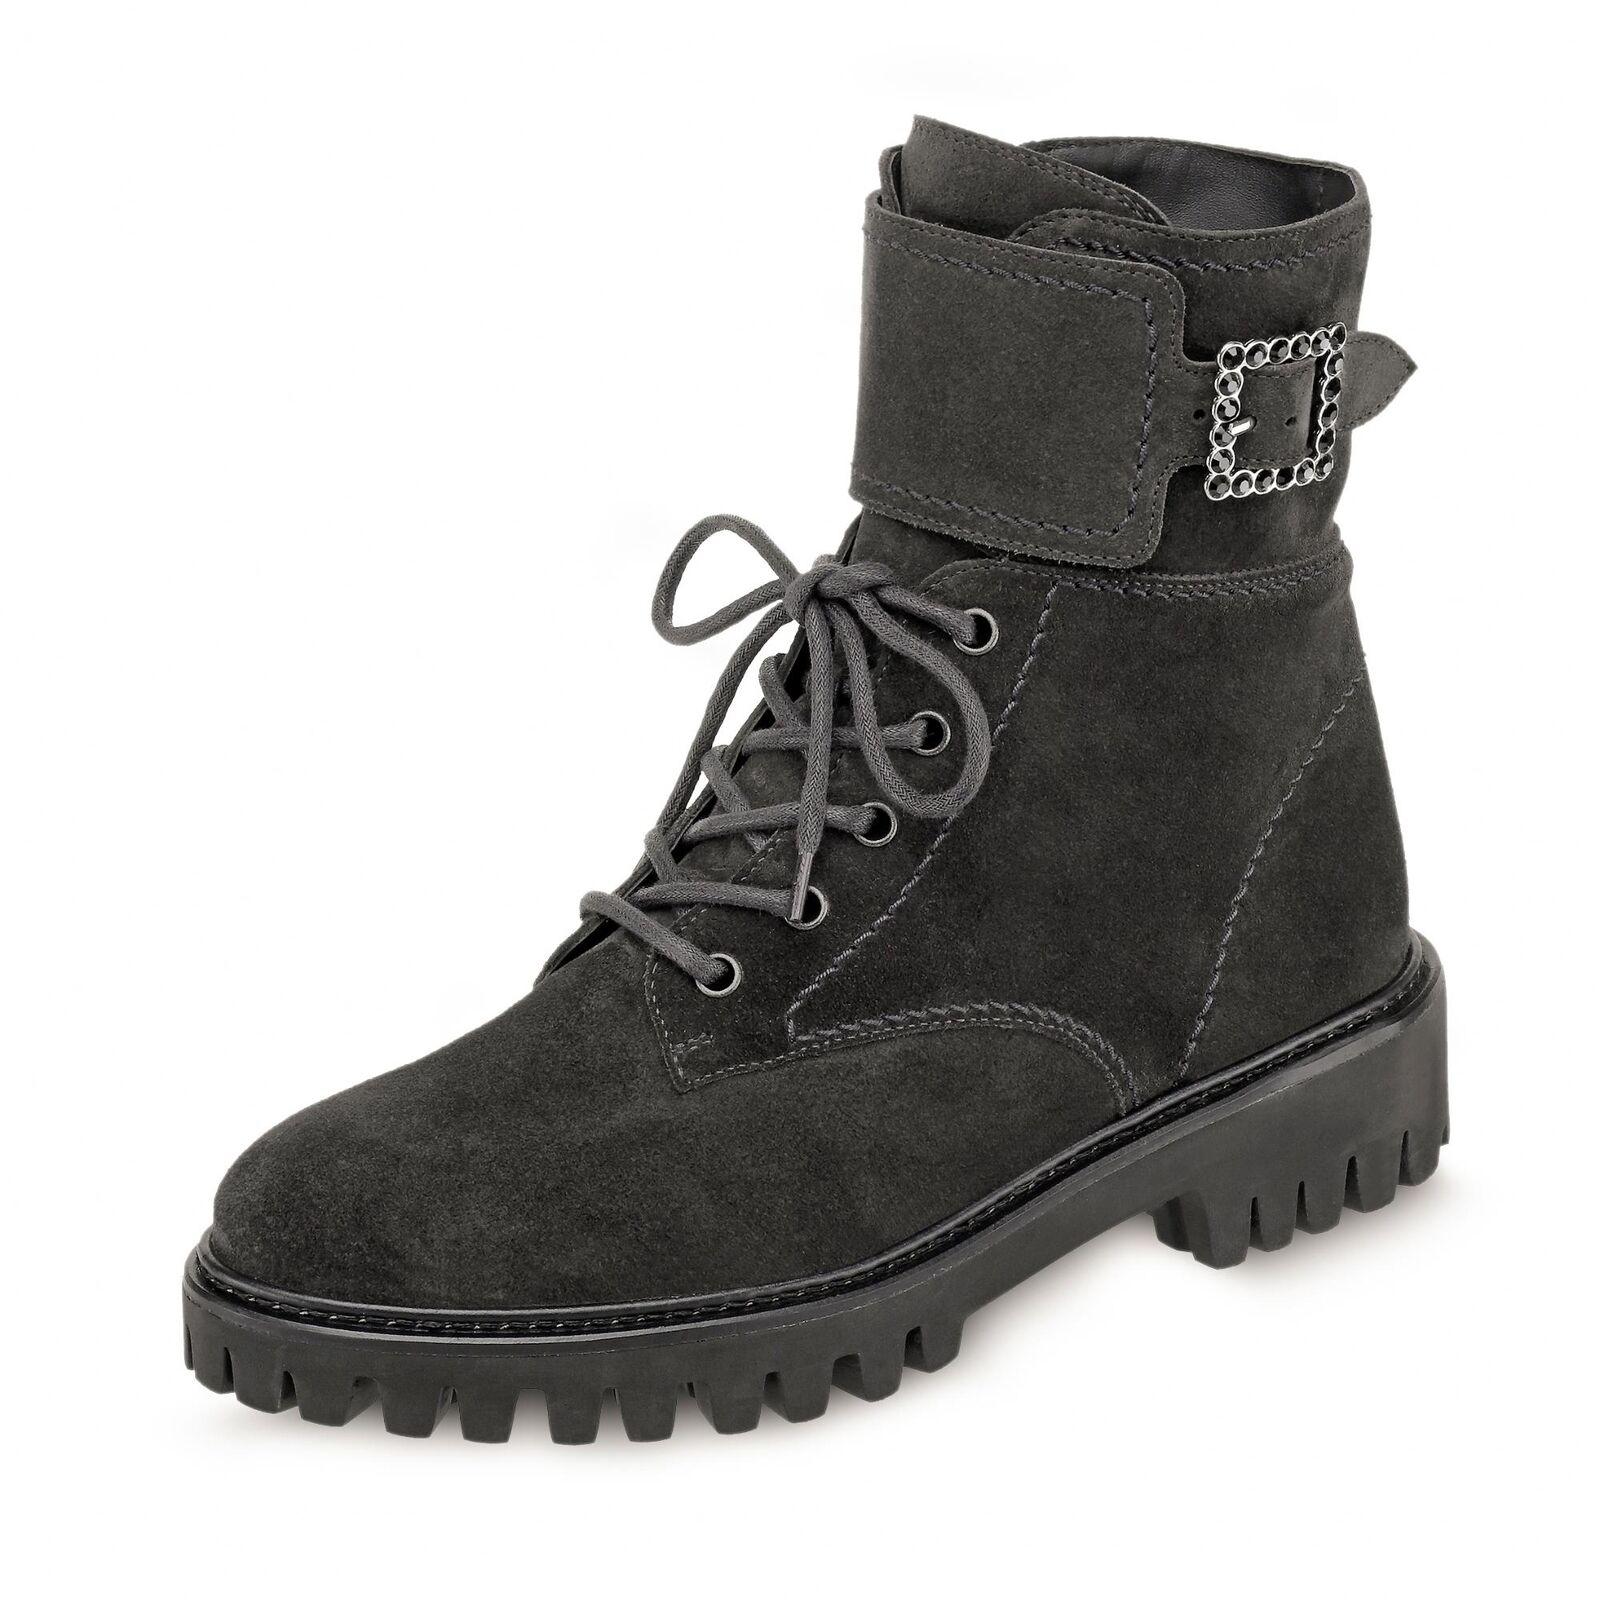 Details zu Damen Stiefel Stiefeletten Plateau Boots High